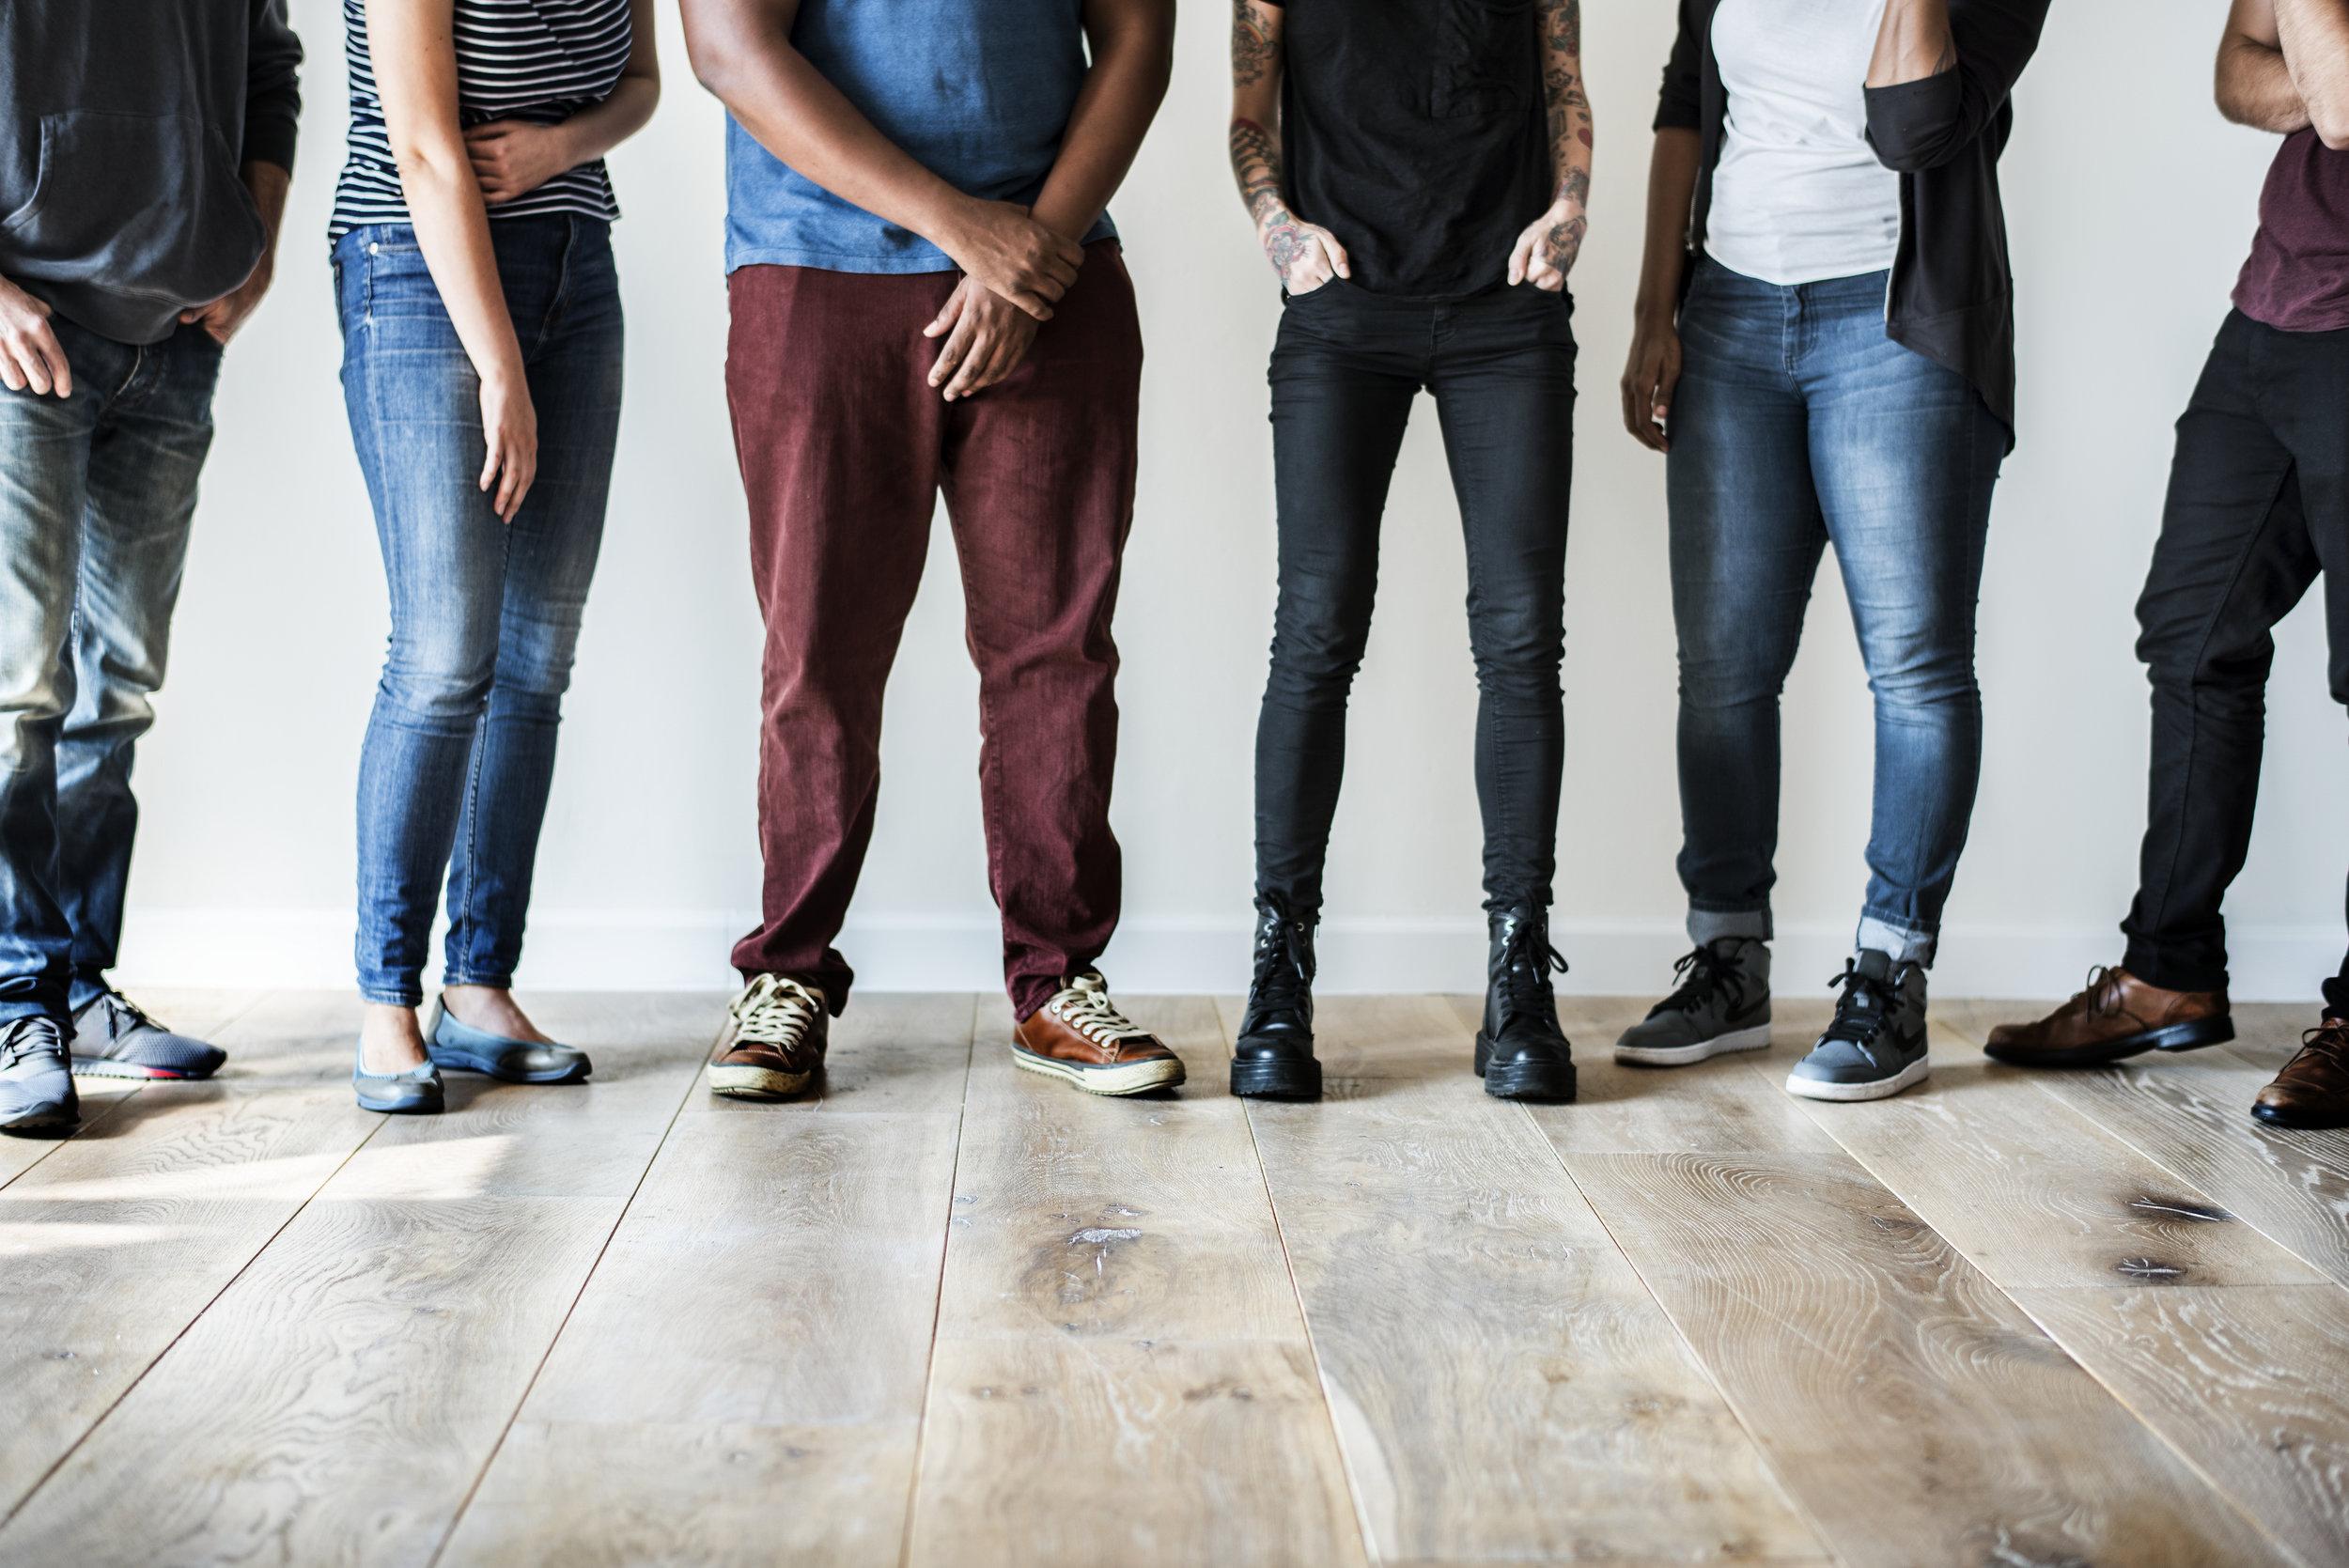 """Atração & Retenção de Talento - Após a já incorporada geração """"Y"""" (ou millennials), vem a geração """"Z"""" (nascidos entre 1990 e 2010) e com ela novos desafios organizacionais. Adaptar a cultura organizacional, os planos de carreira, a comunicação da empresa e a estrutura de compensações e benefícios, são desafios que não podem ser deixados para segundo plano e, para que mantenha a competitividade e assegure os melhores recursos humanos.Desenvolvemos programas consultivos que dão resposta a estas necessidades, melhorando a captação e retenção de talento nas empresas."""